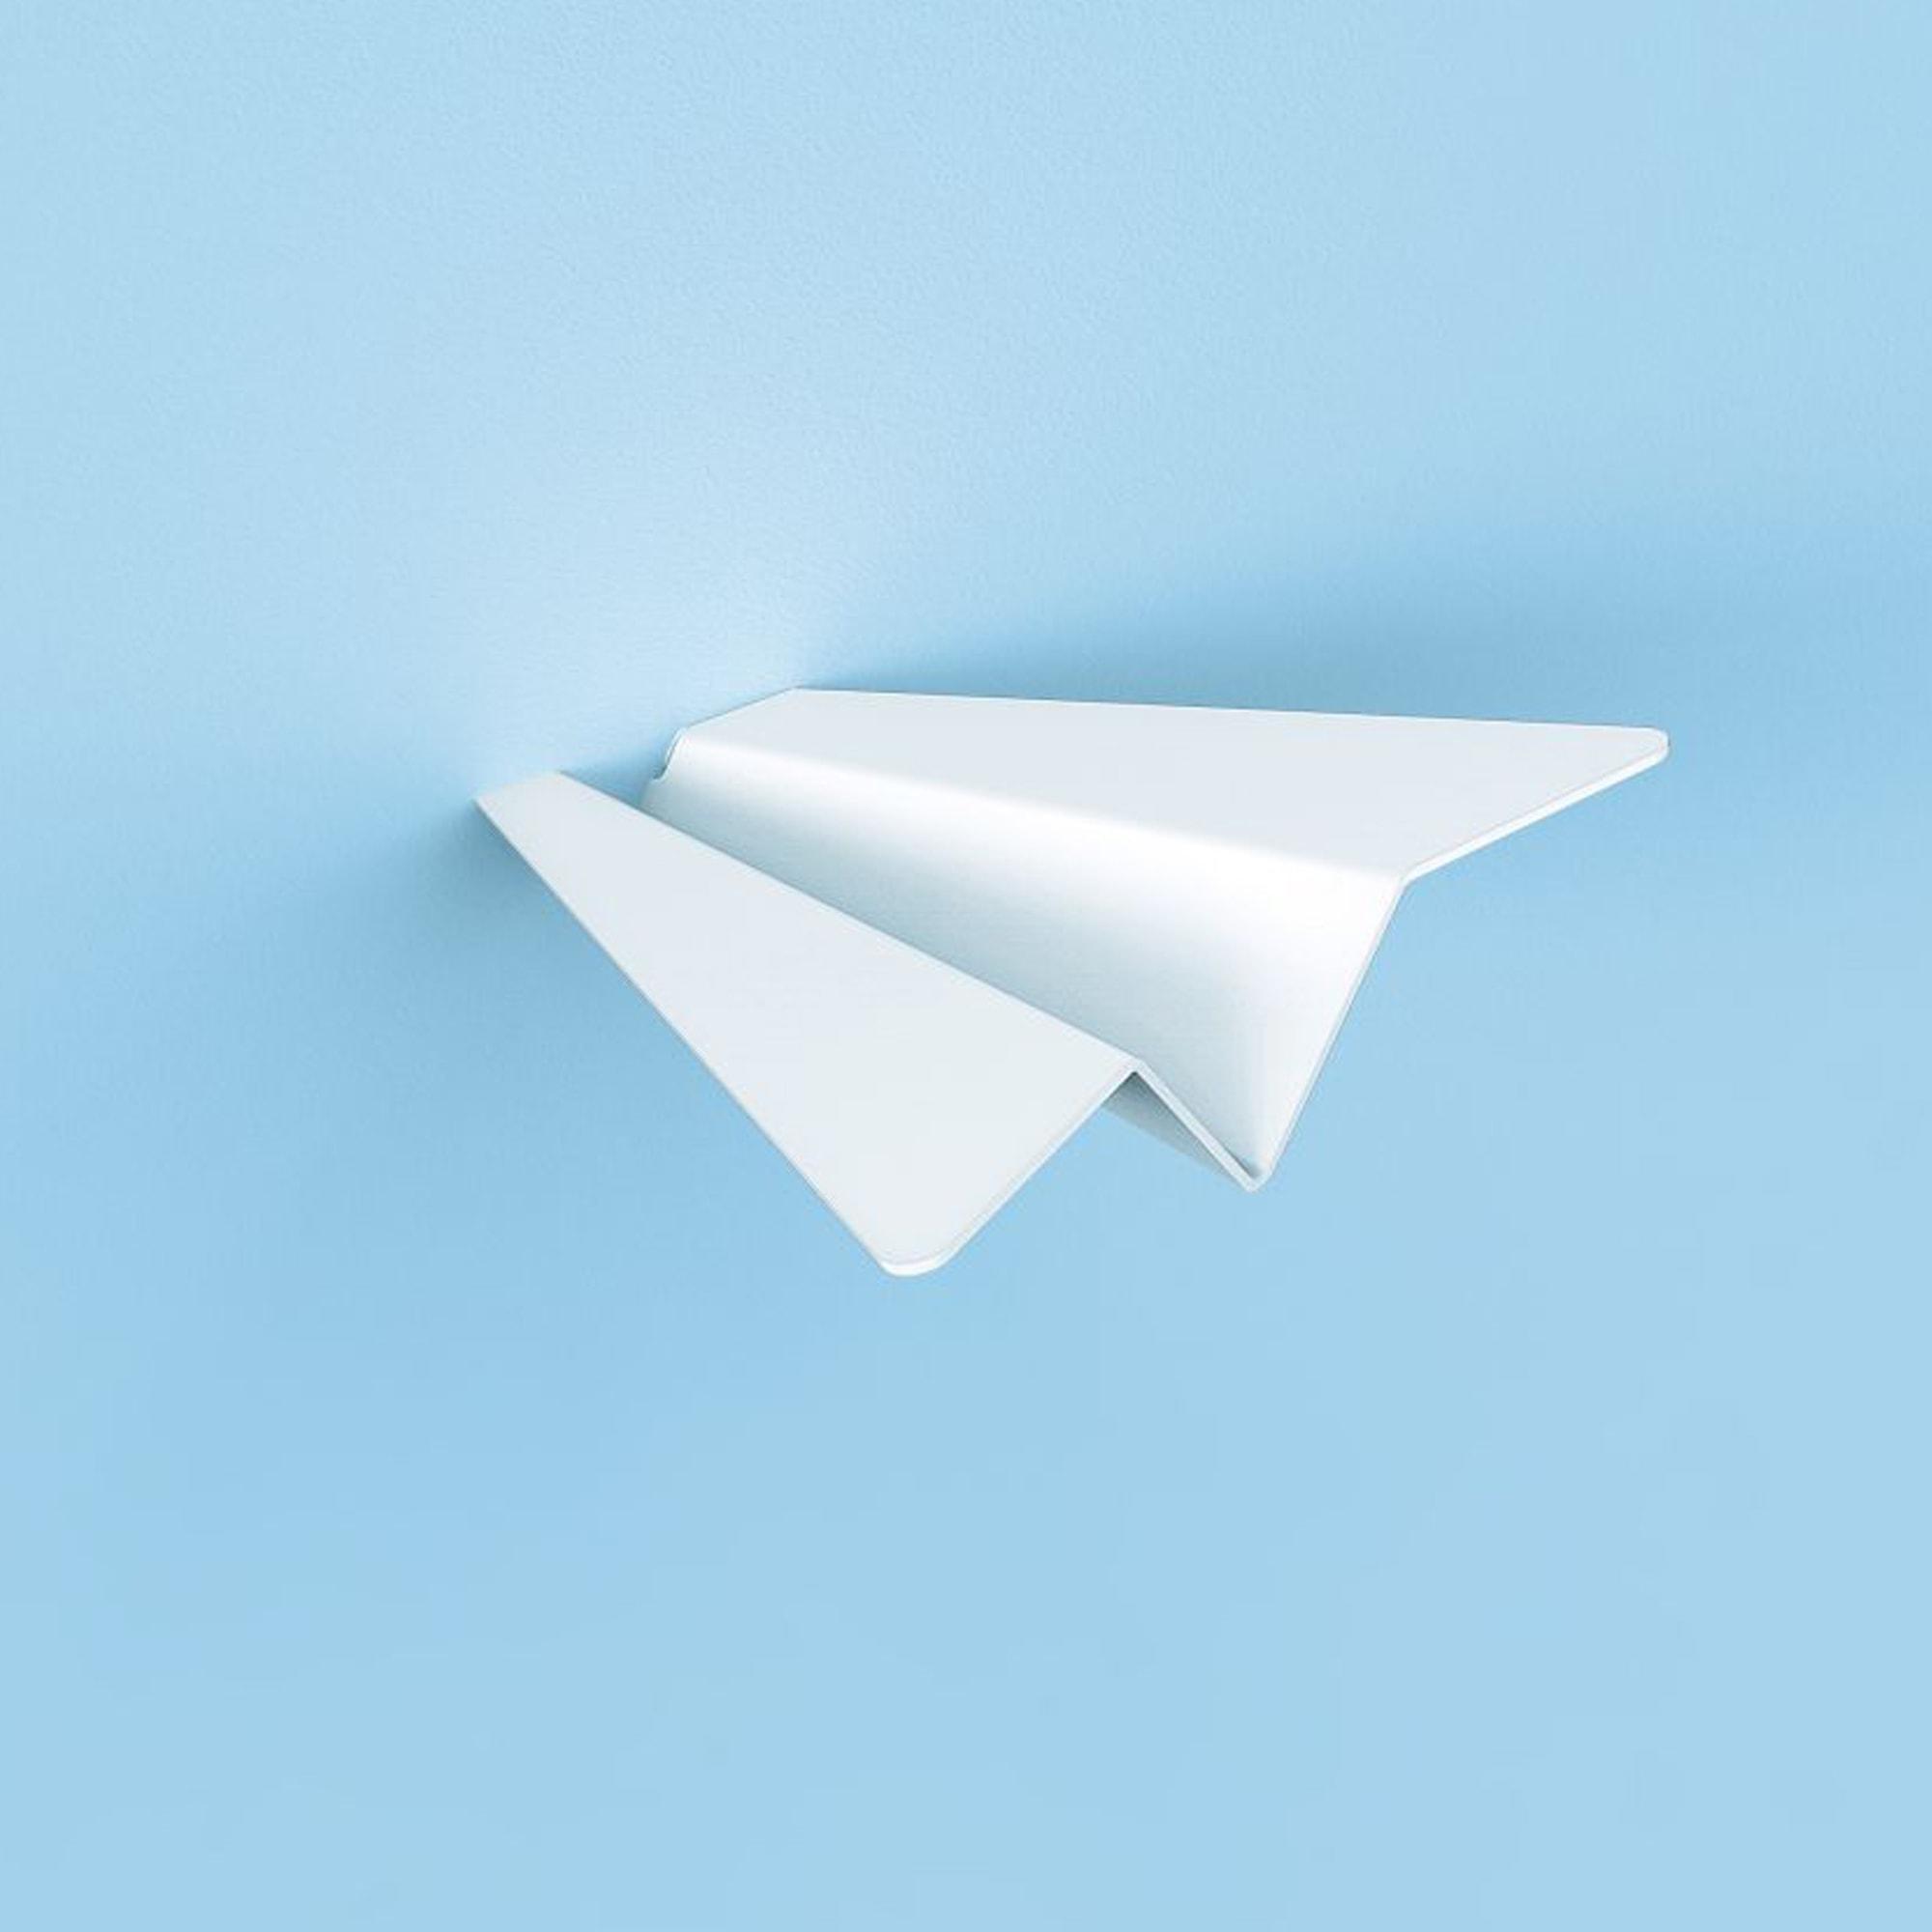 מטוסי נייר - סט מתלים מעוצבים לקיר